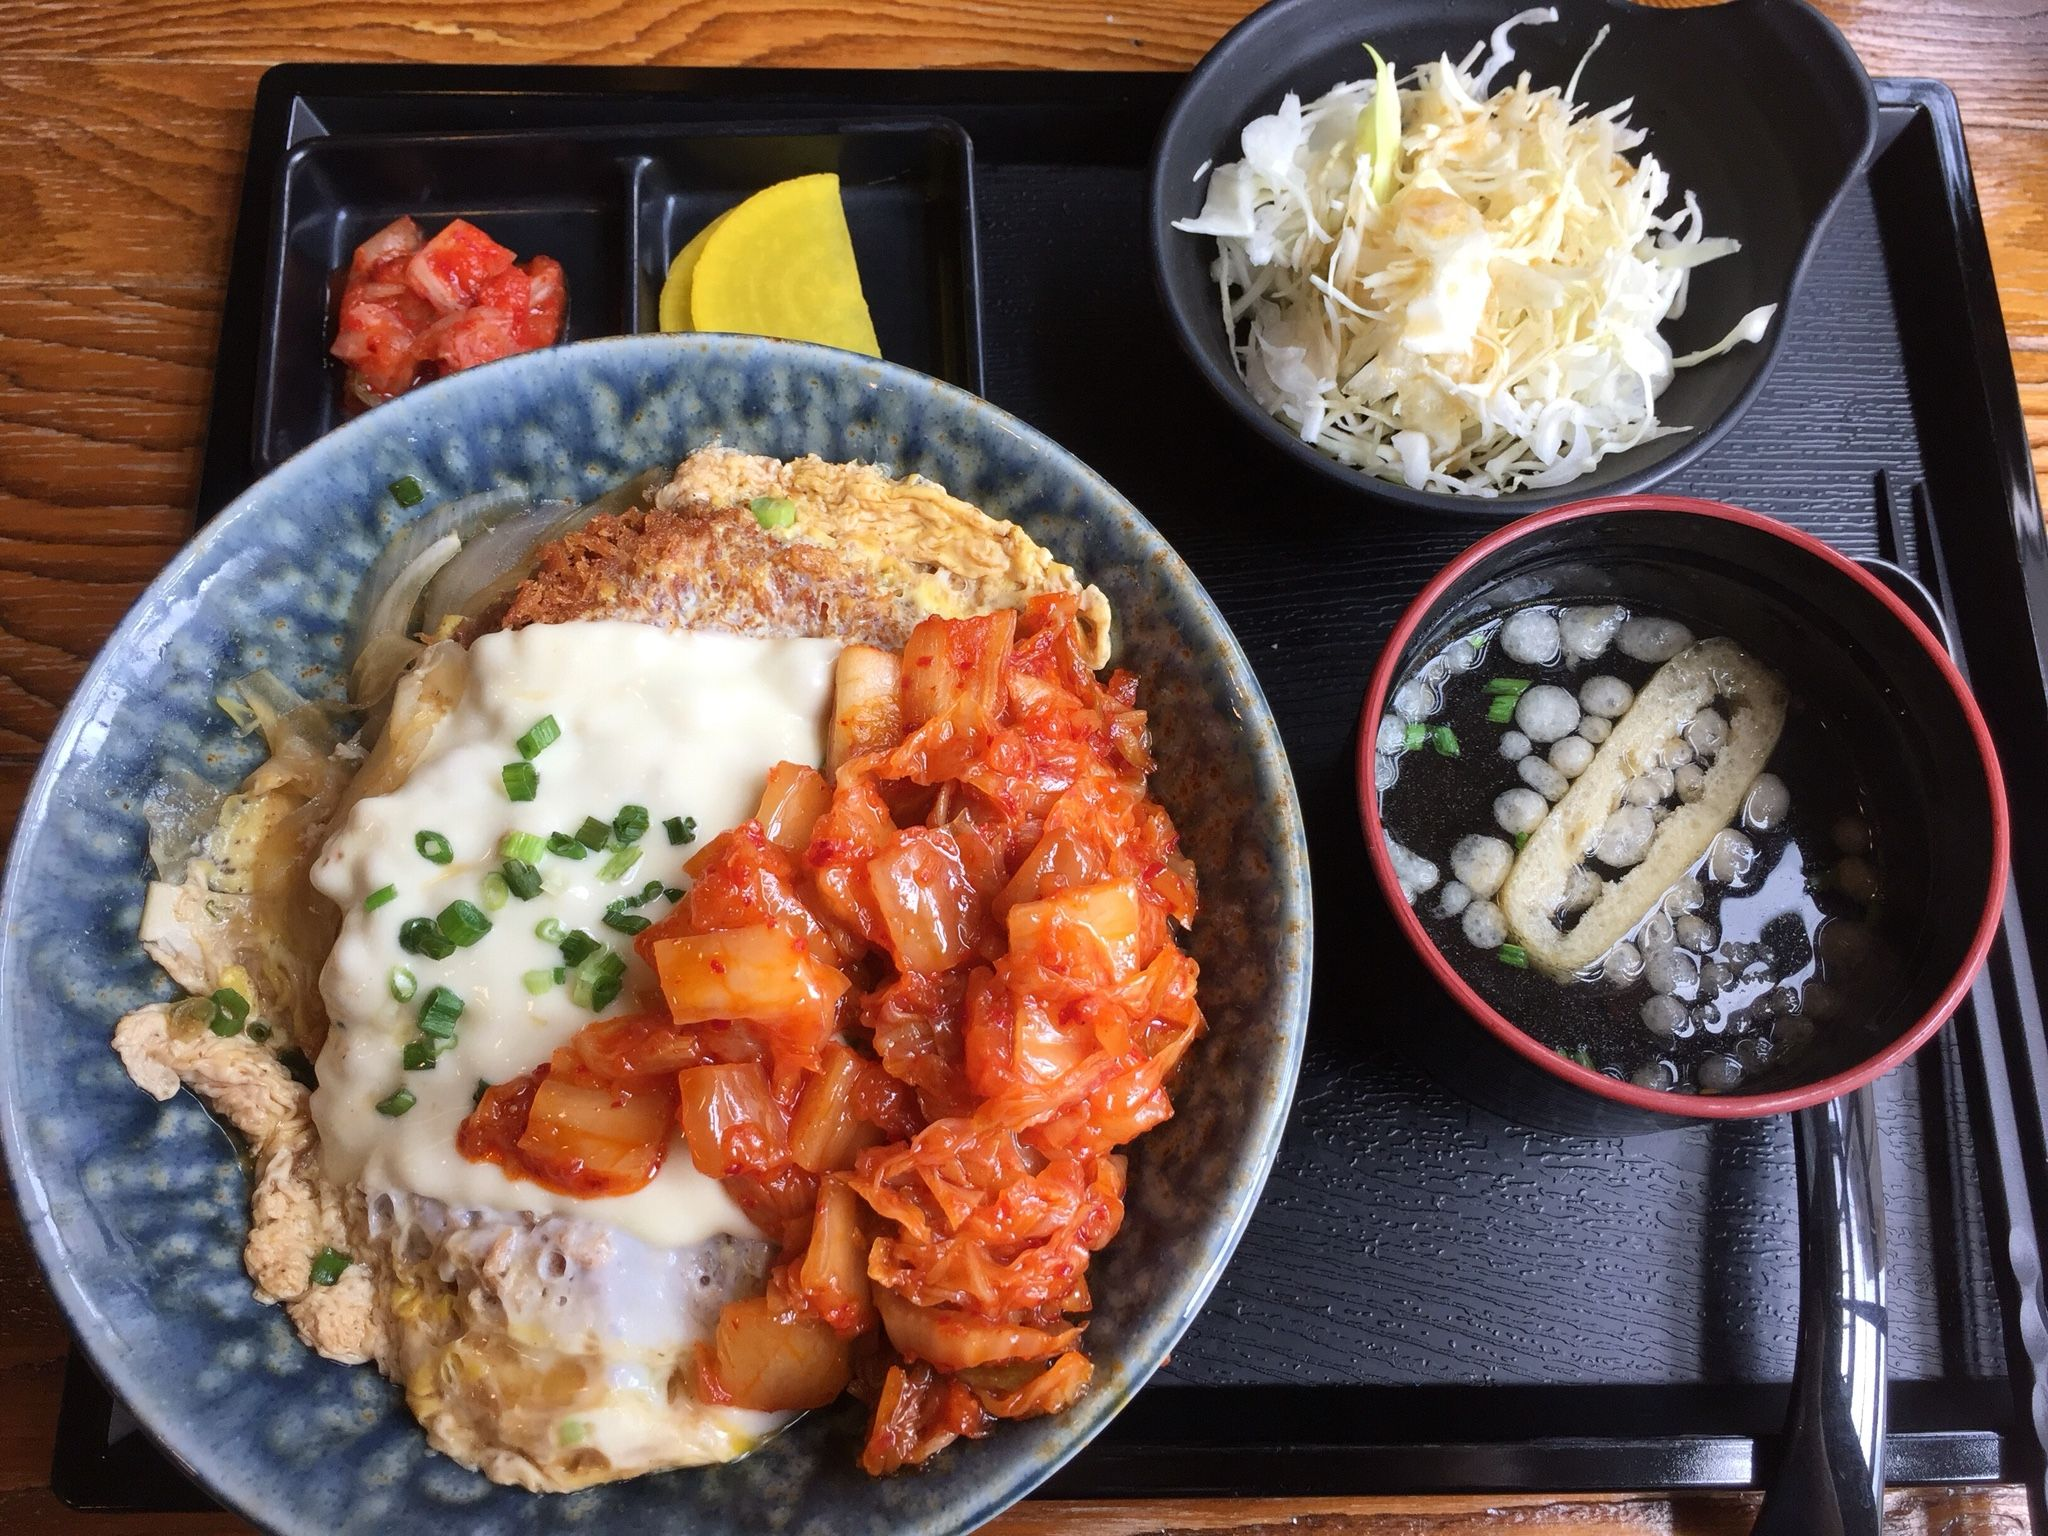 2016.6.8 점심. 김치 가츠동